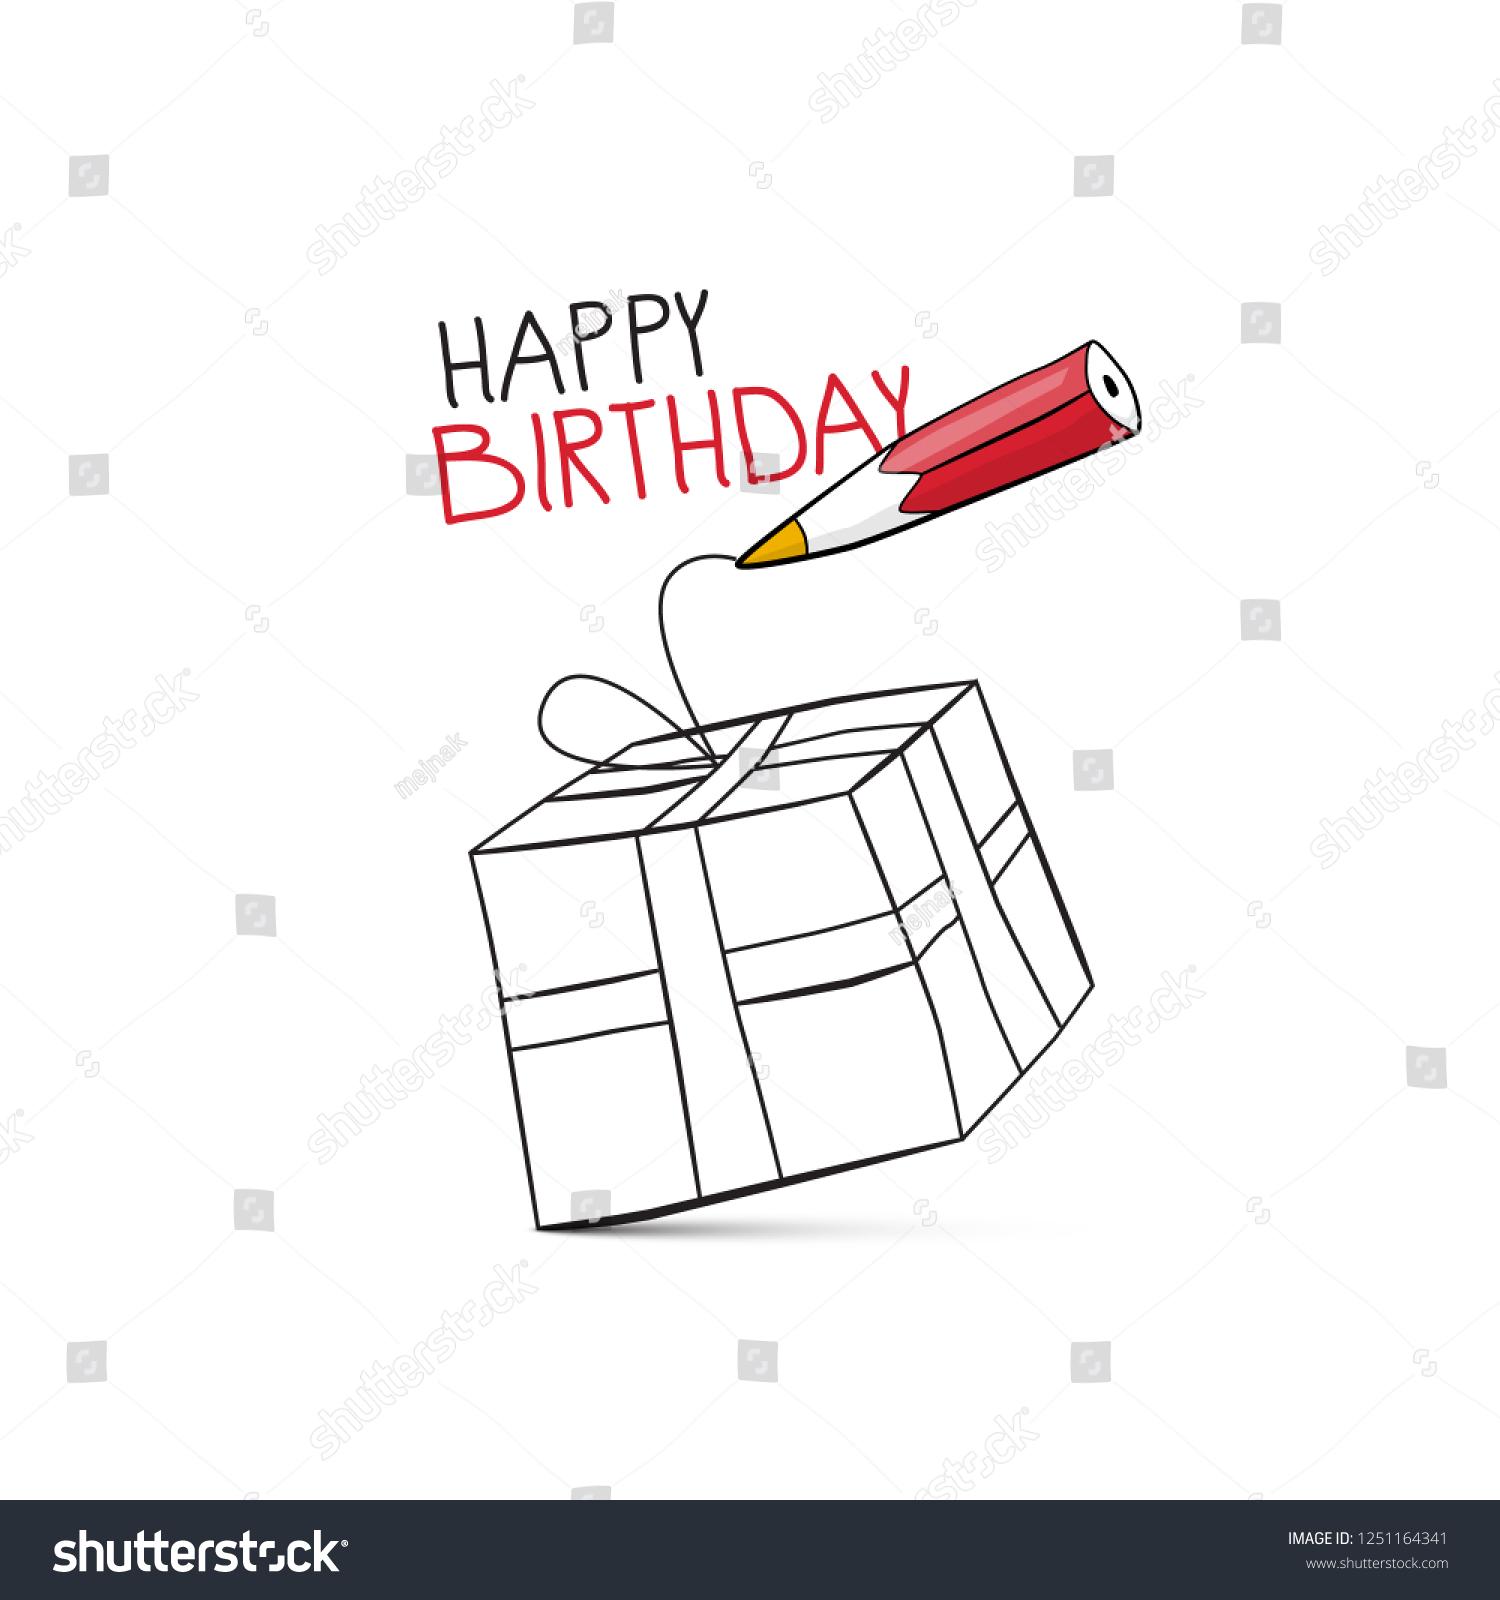 Happy birthday vector design pencil drawing stock vector royalty